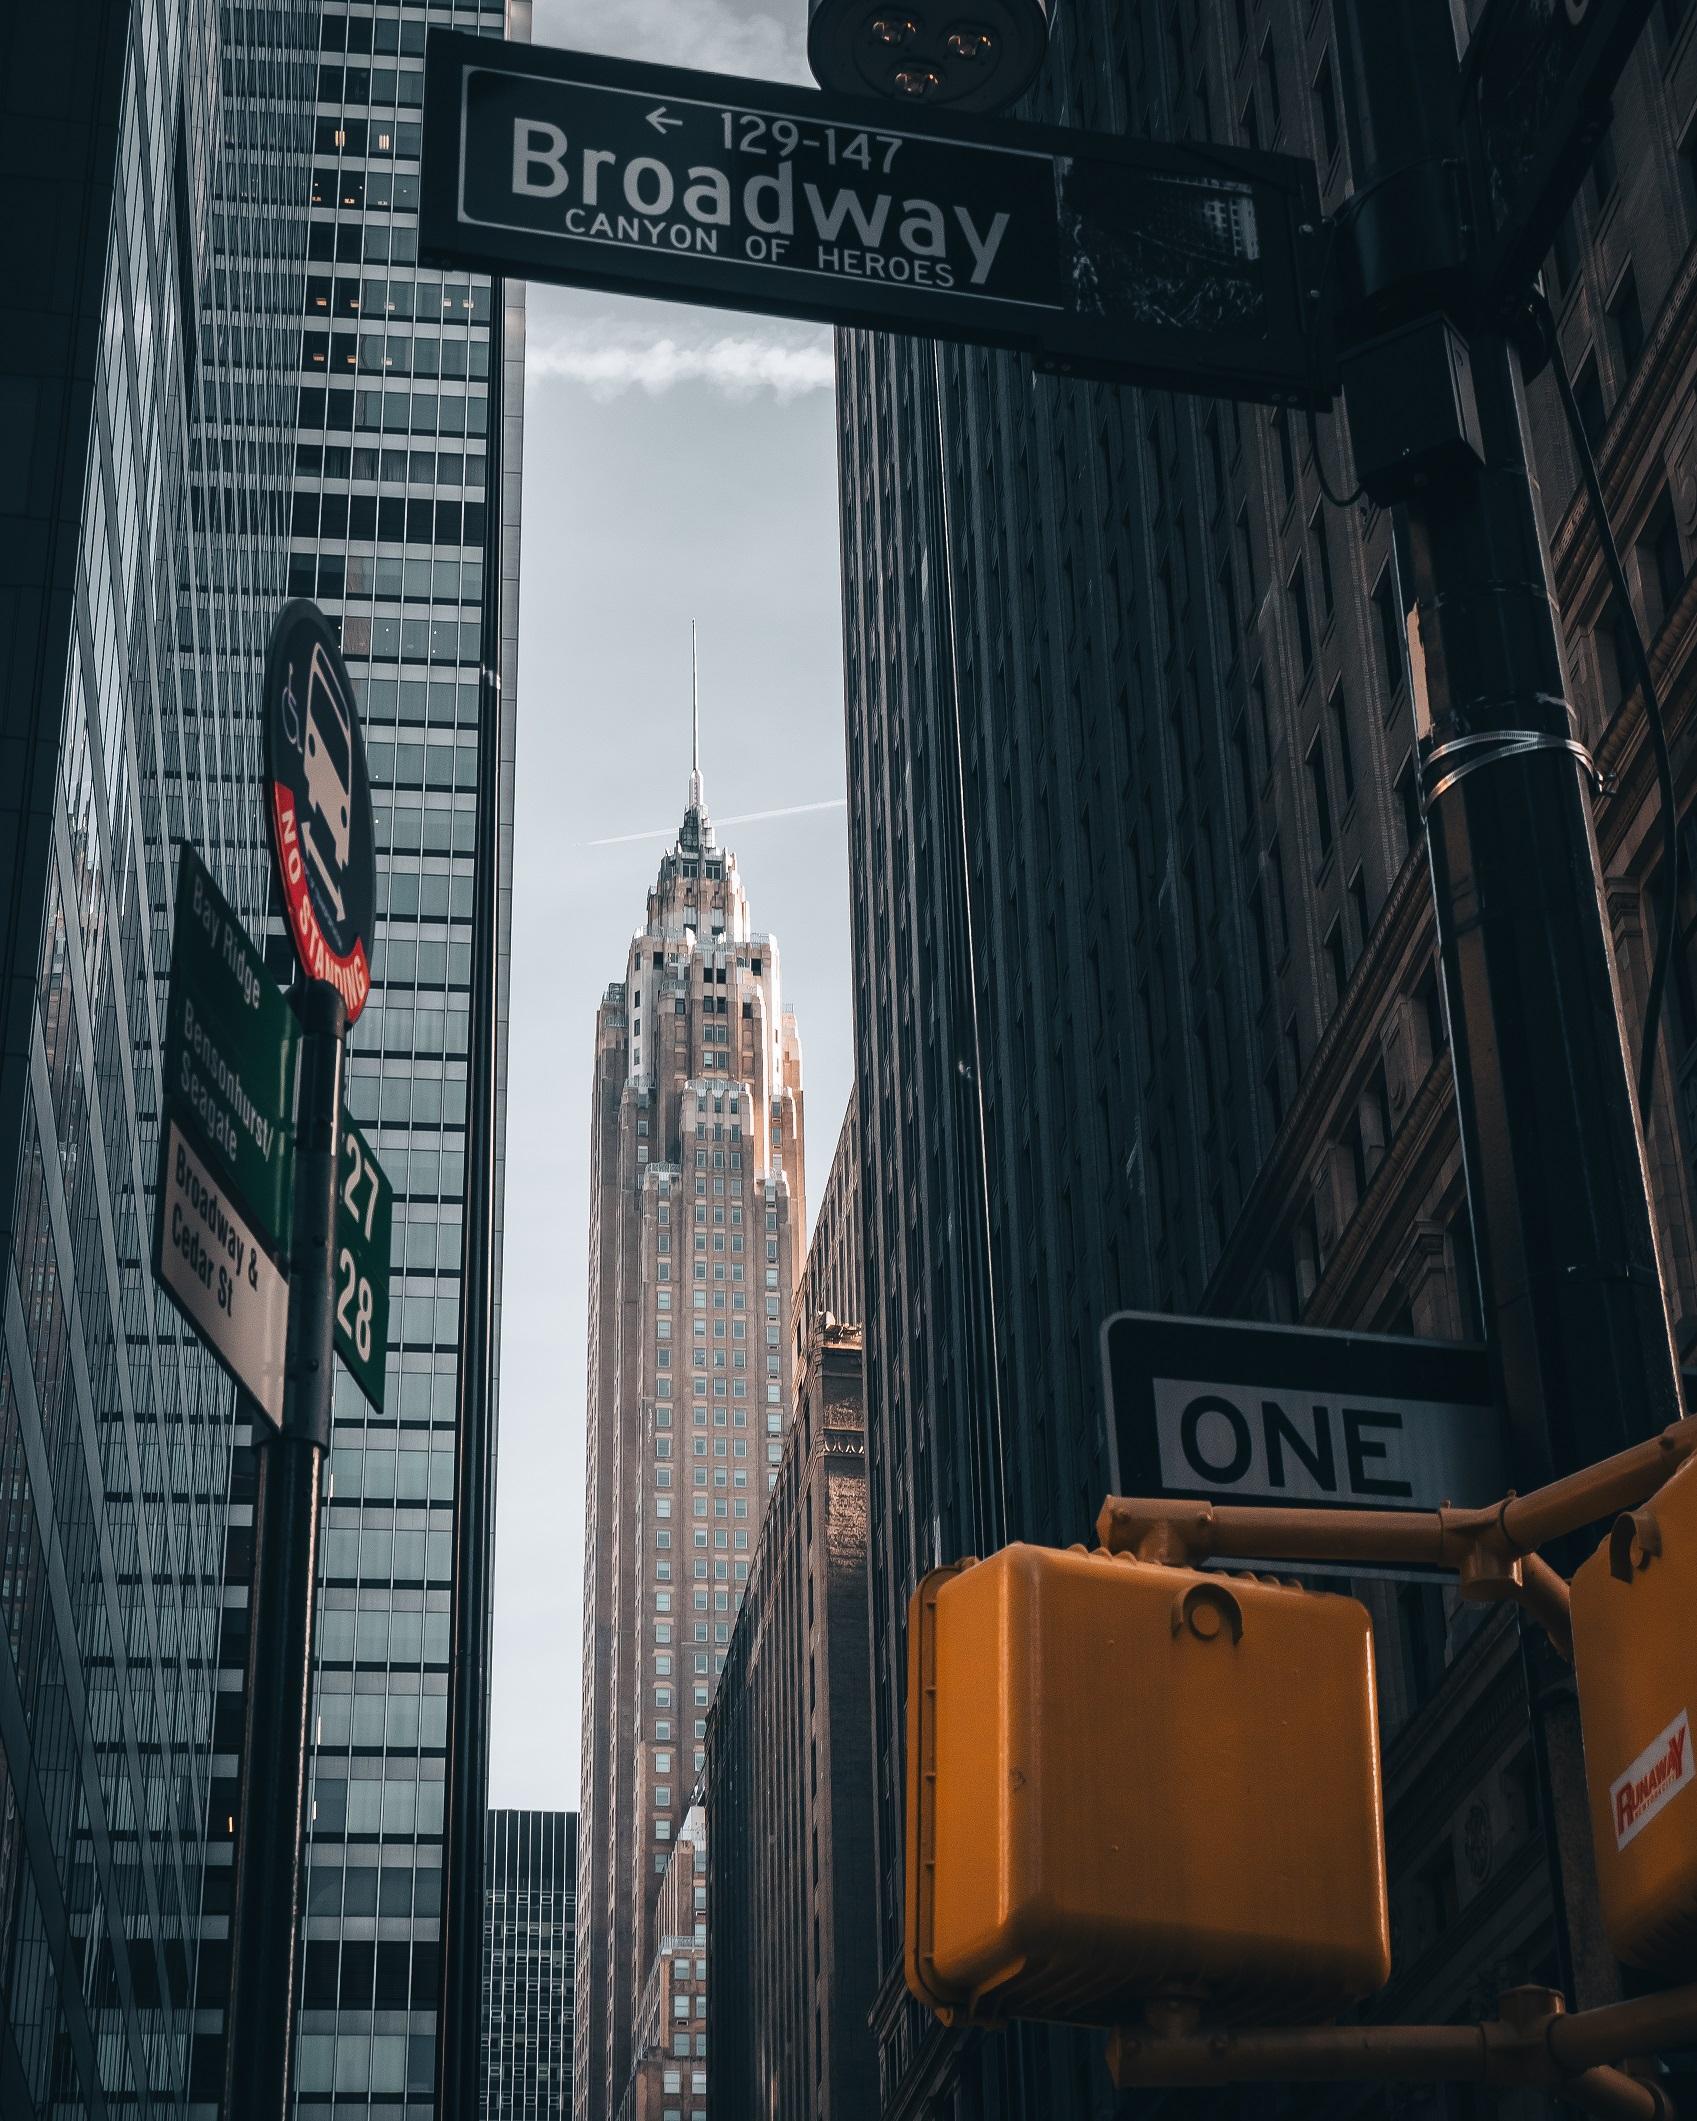 70 Pine building in Downlown Manhattan, New York